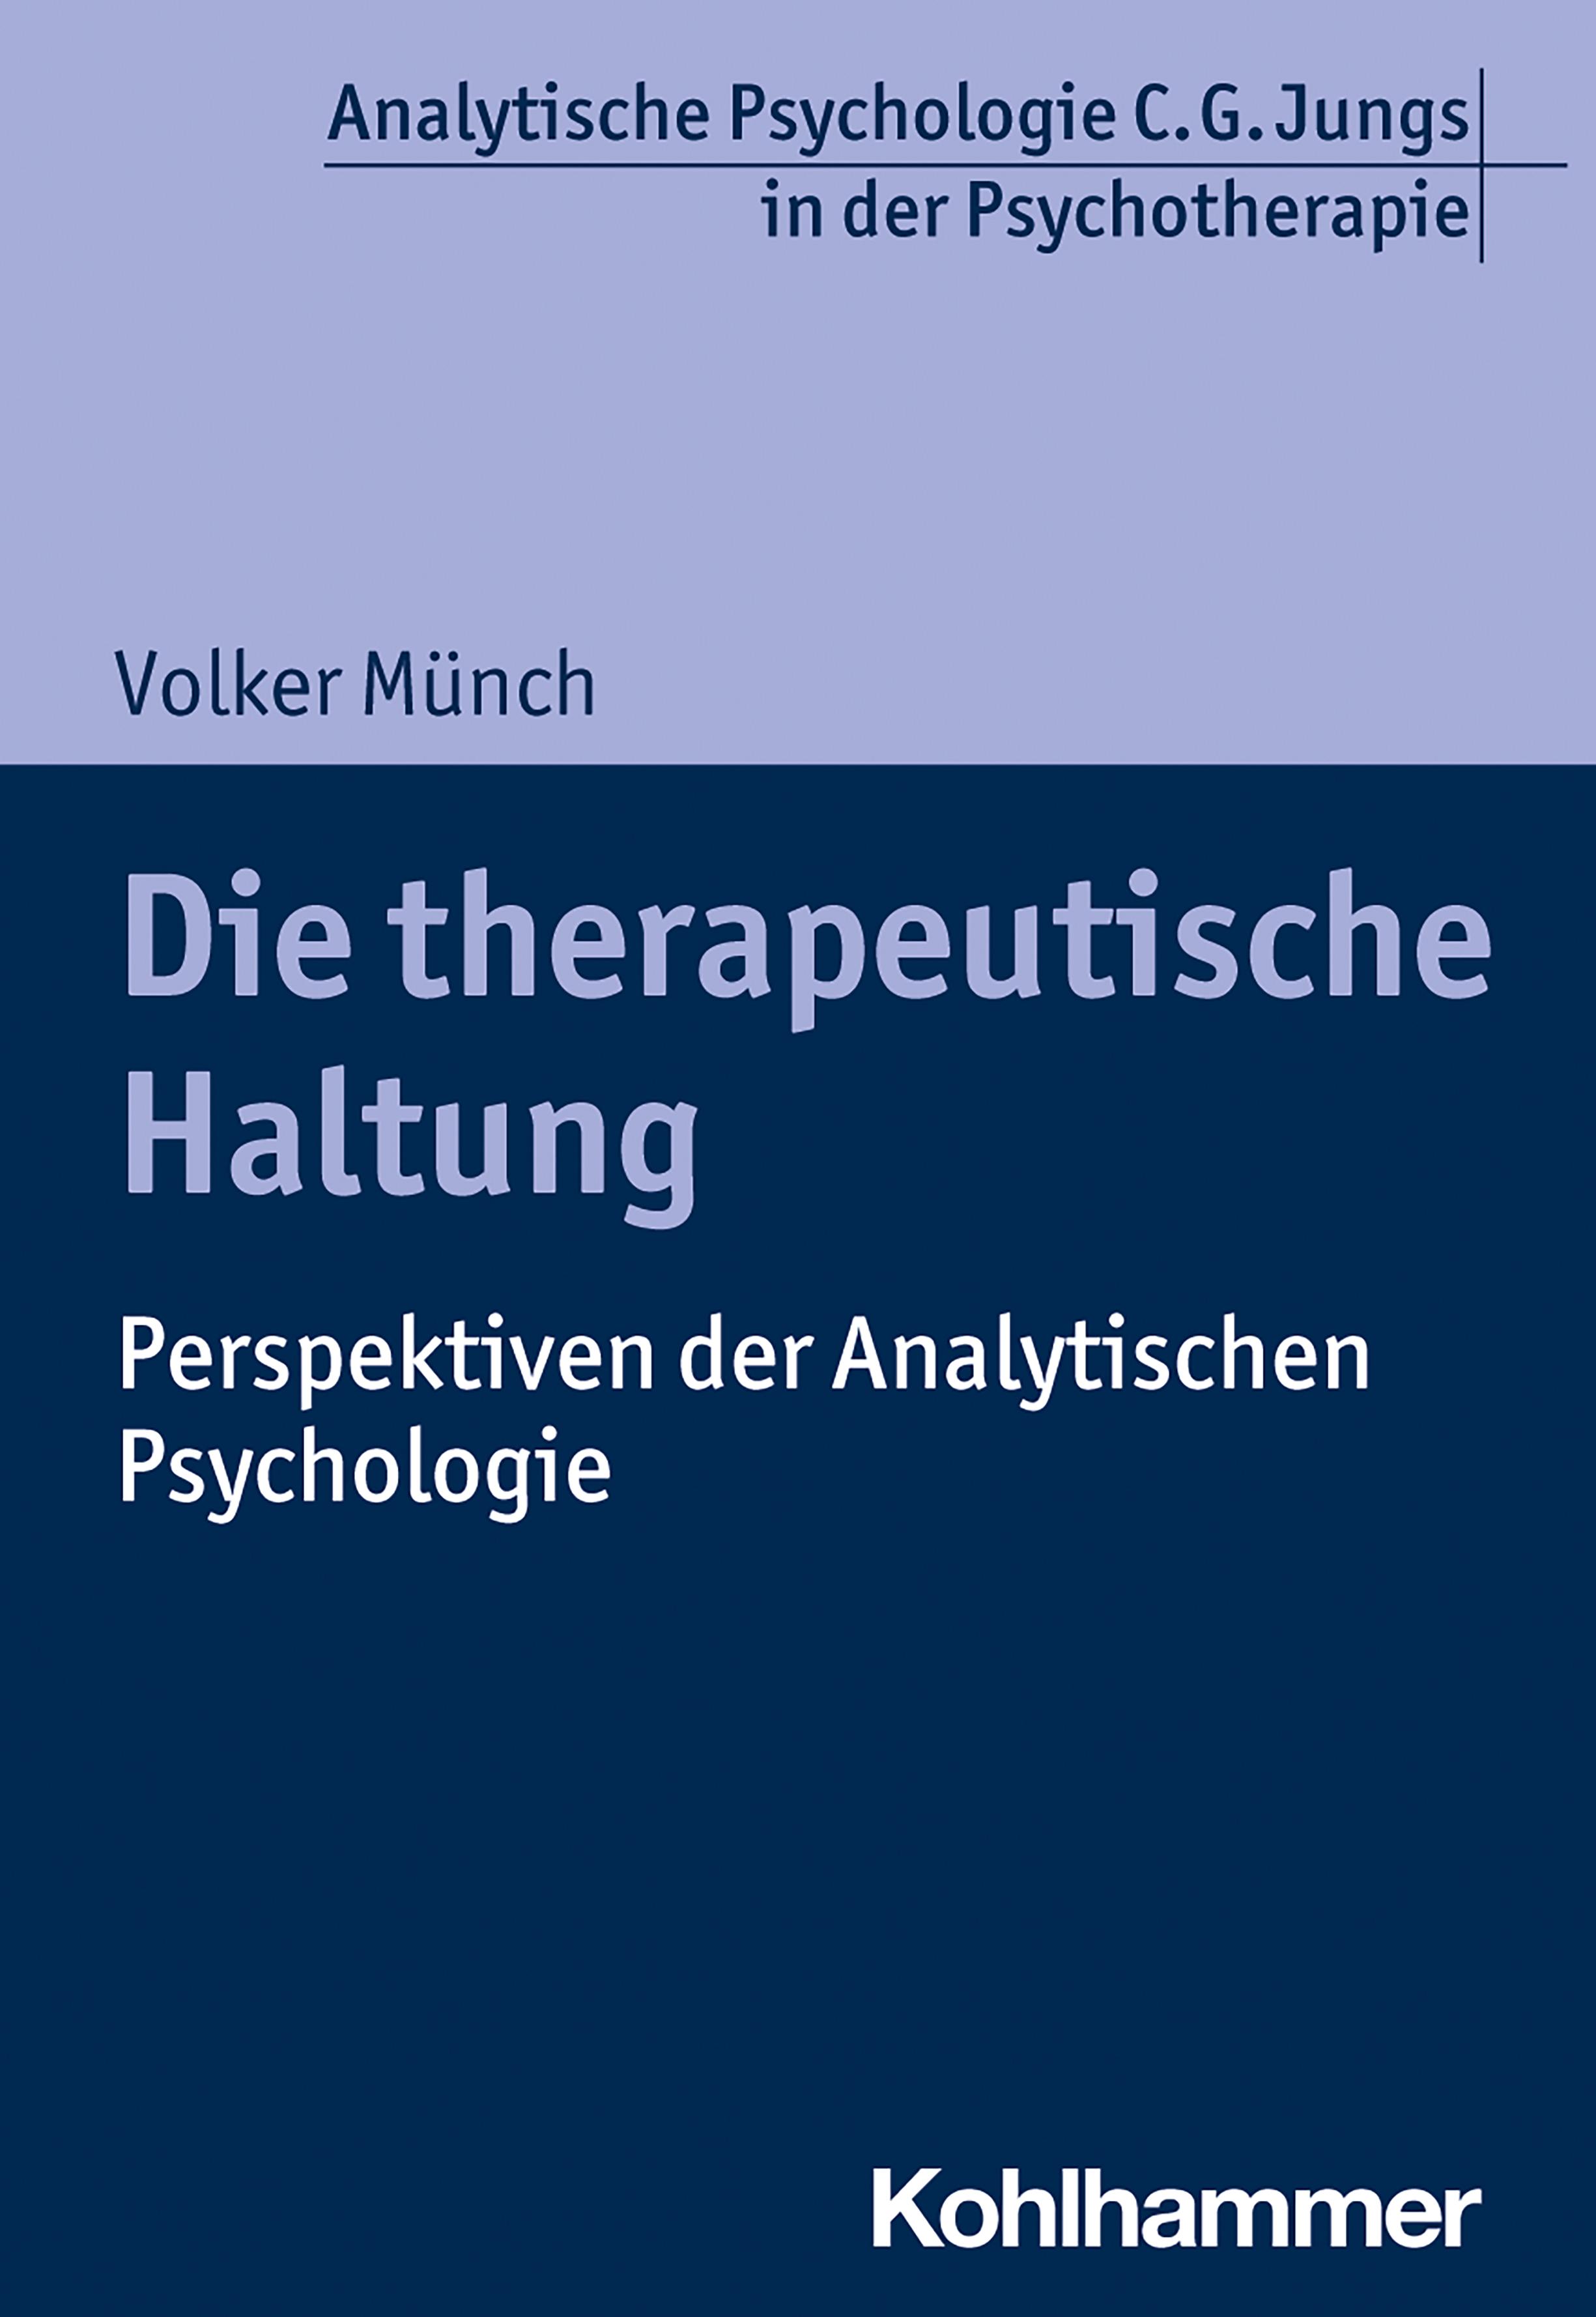 Die therapeutische Haltung